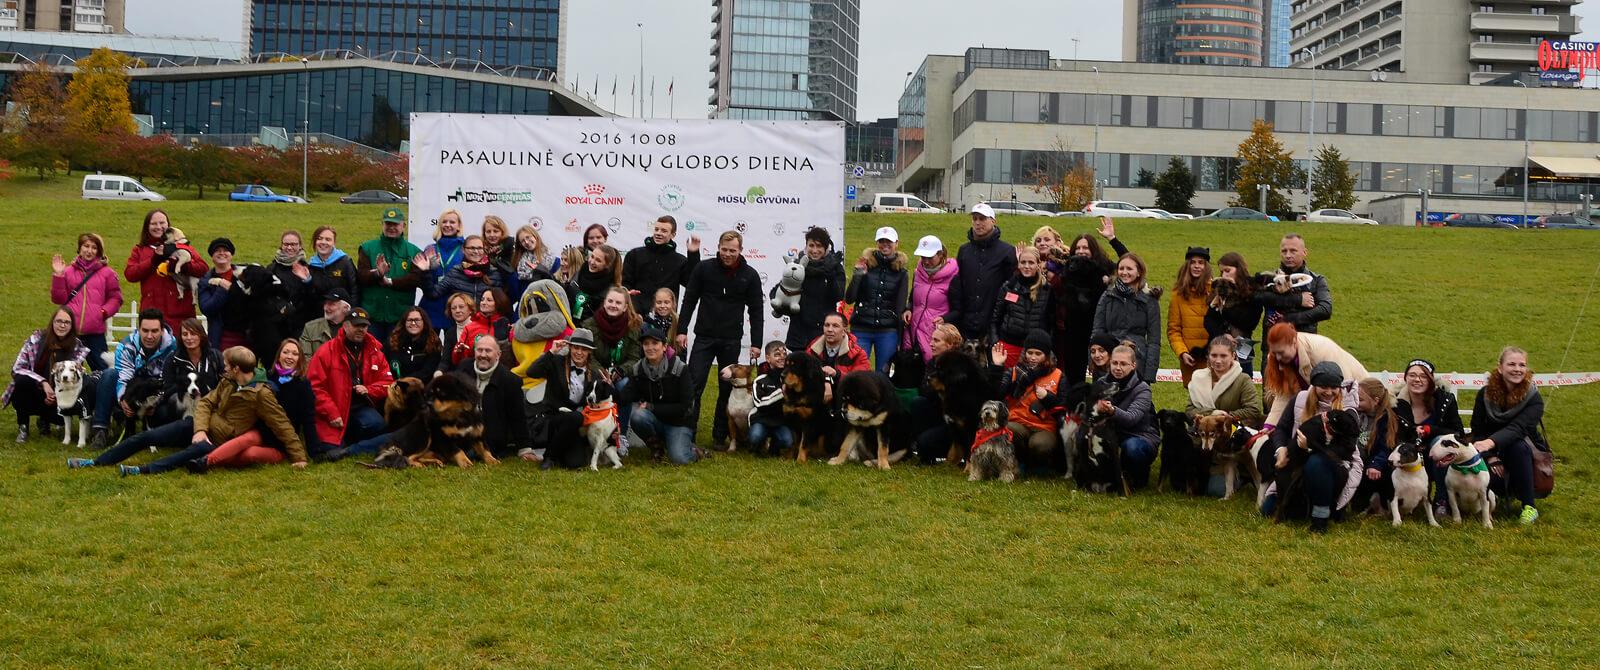 Gyvūnų globos diena Vilniuje